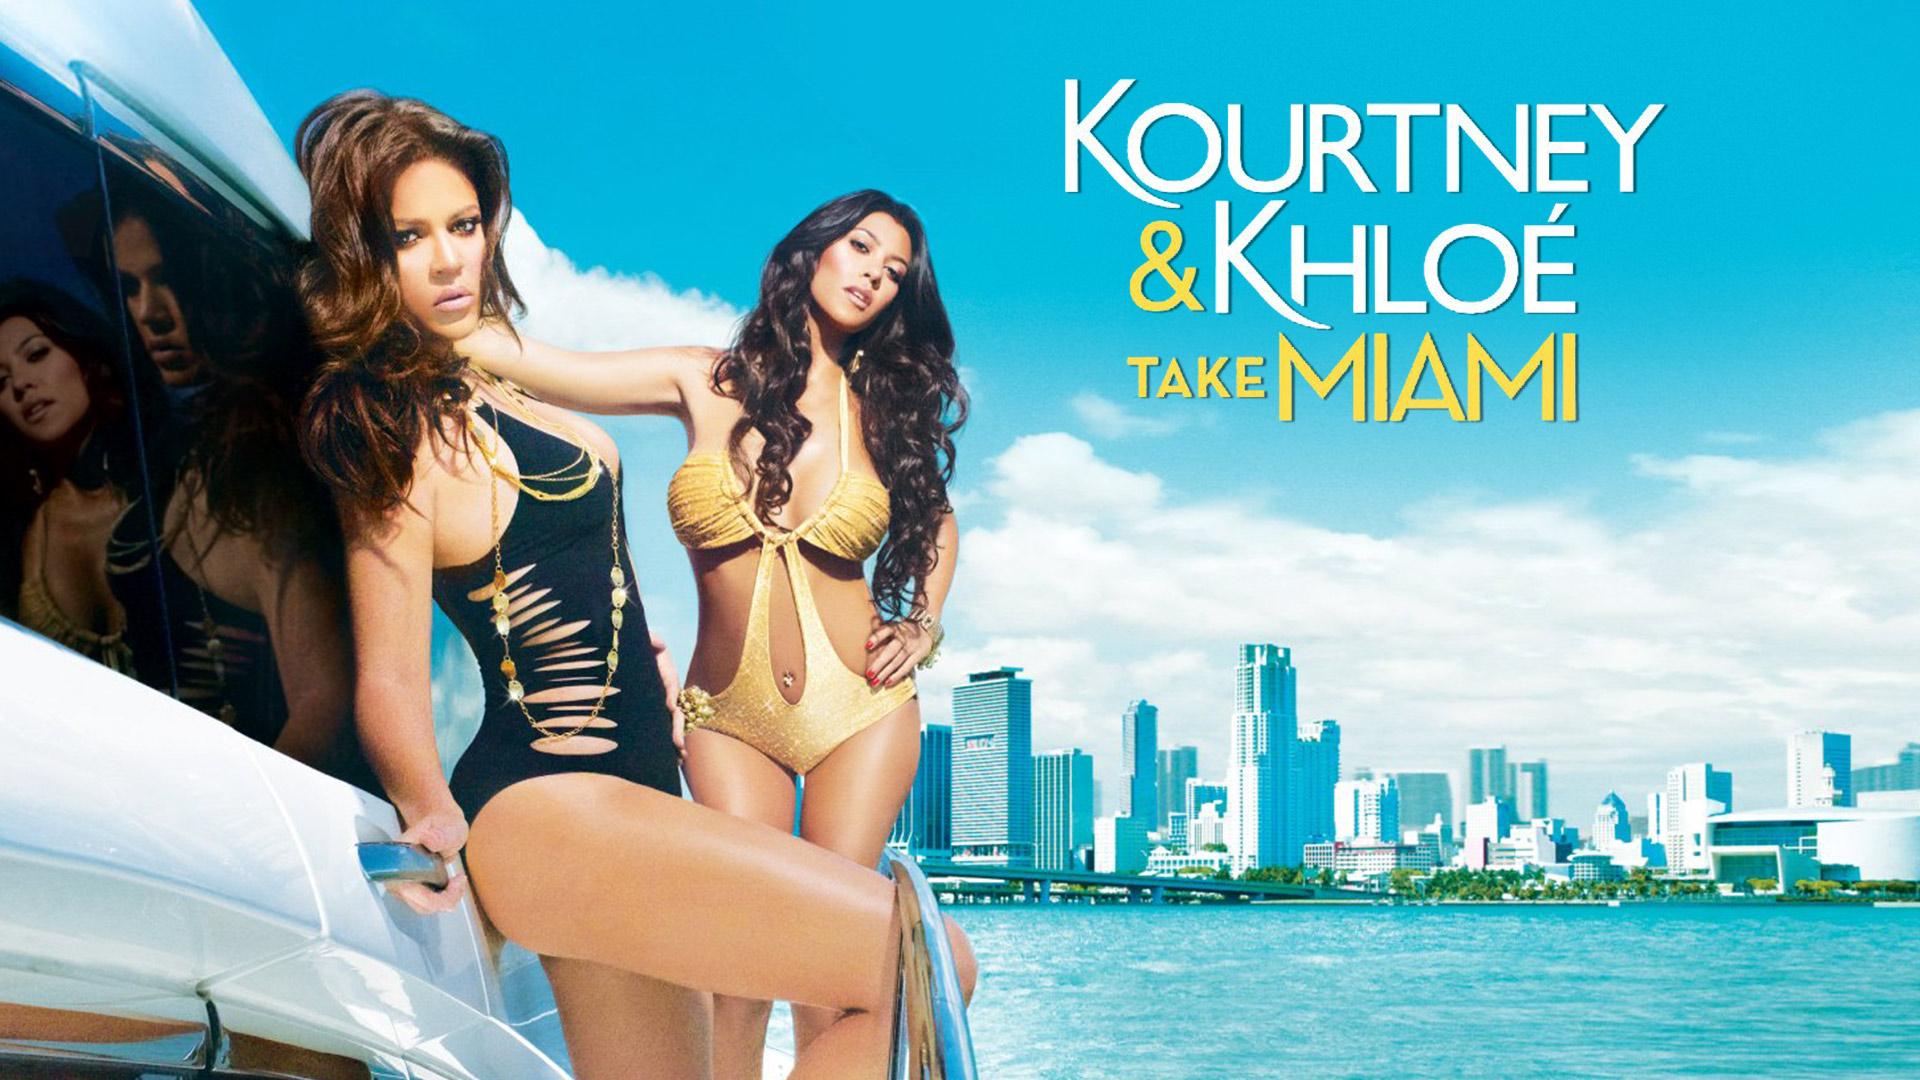 Kourtney & Khloe Take Miami, Season 1